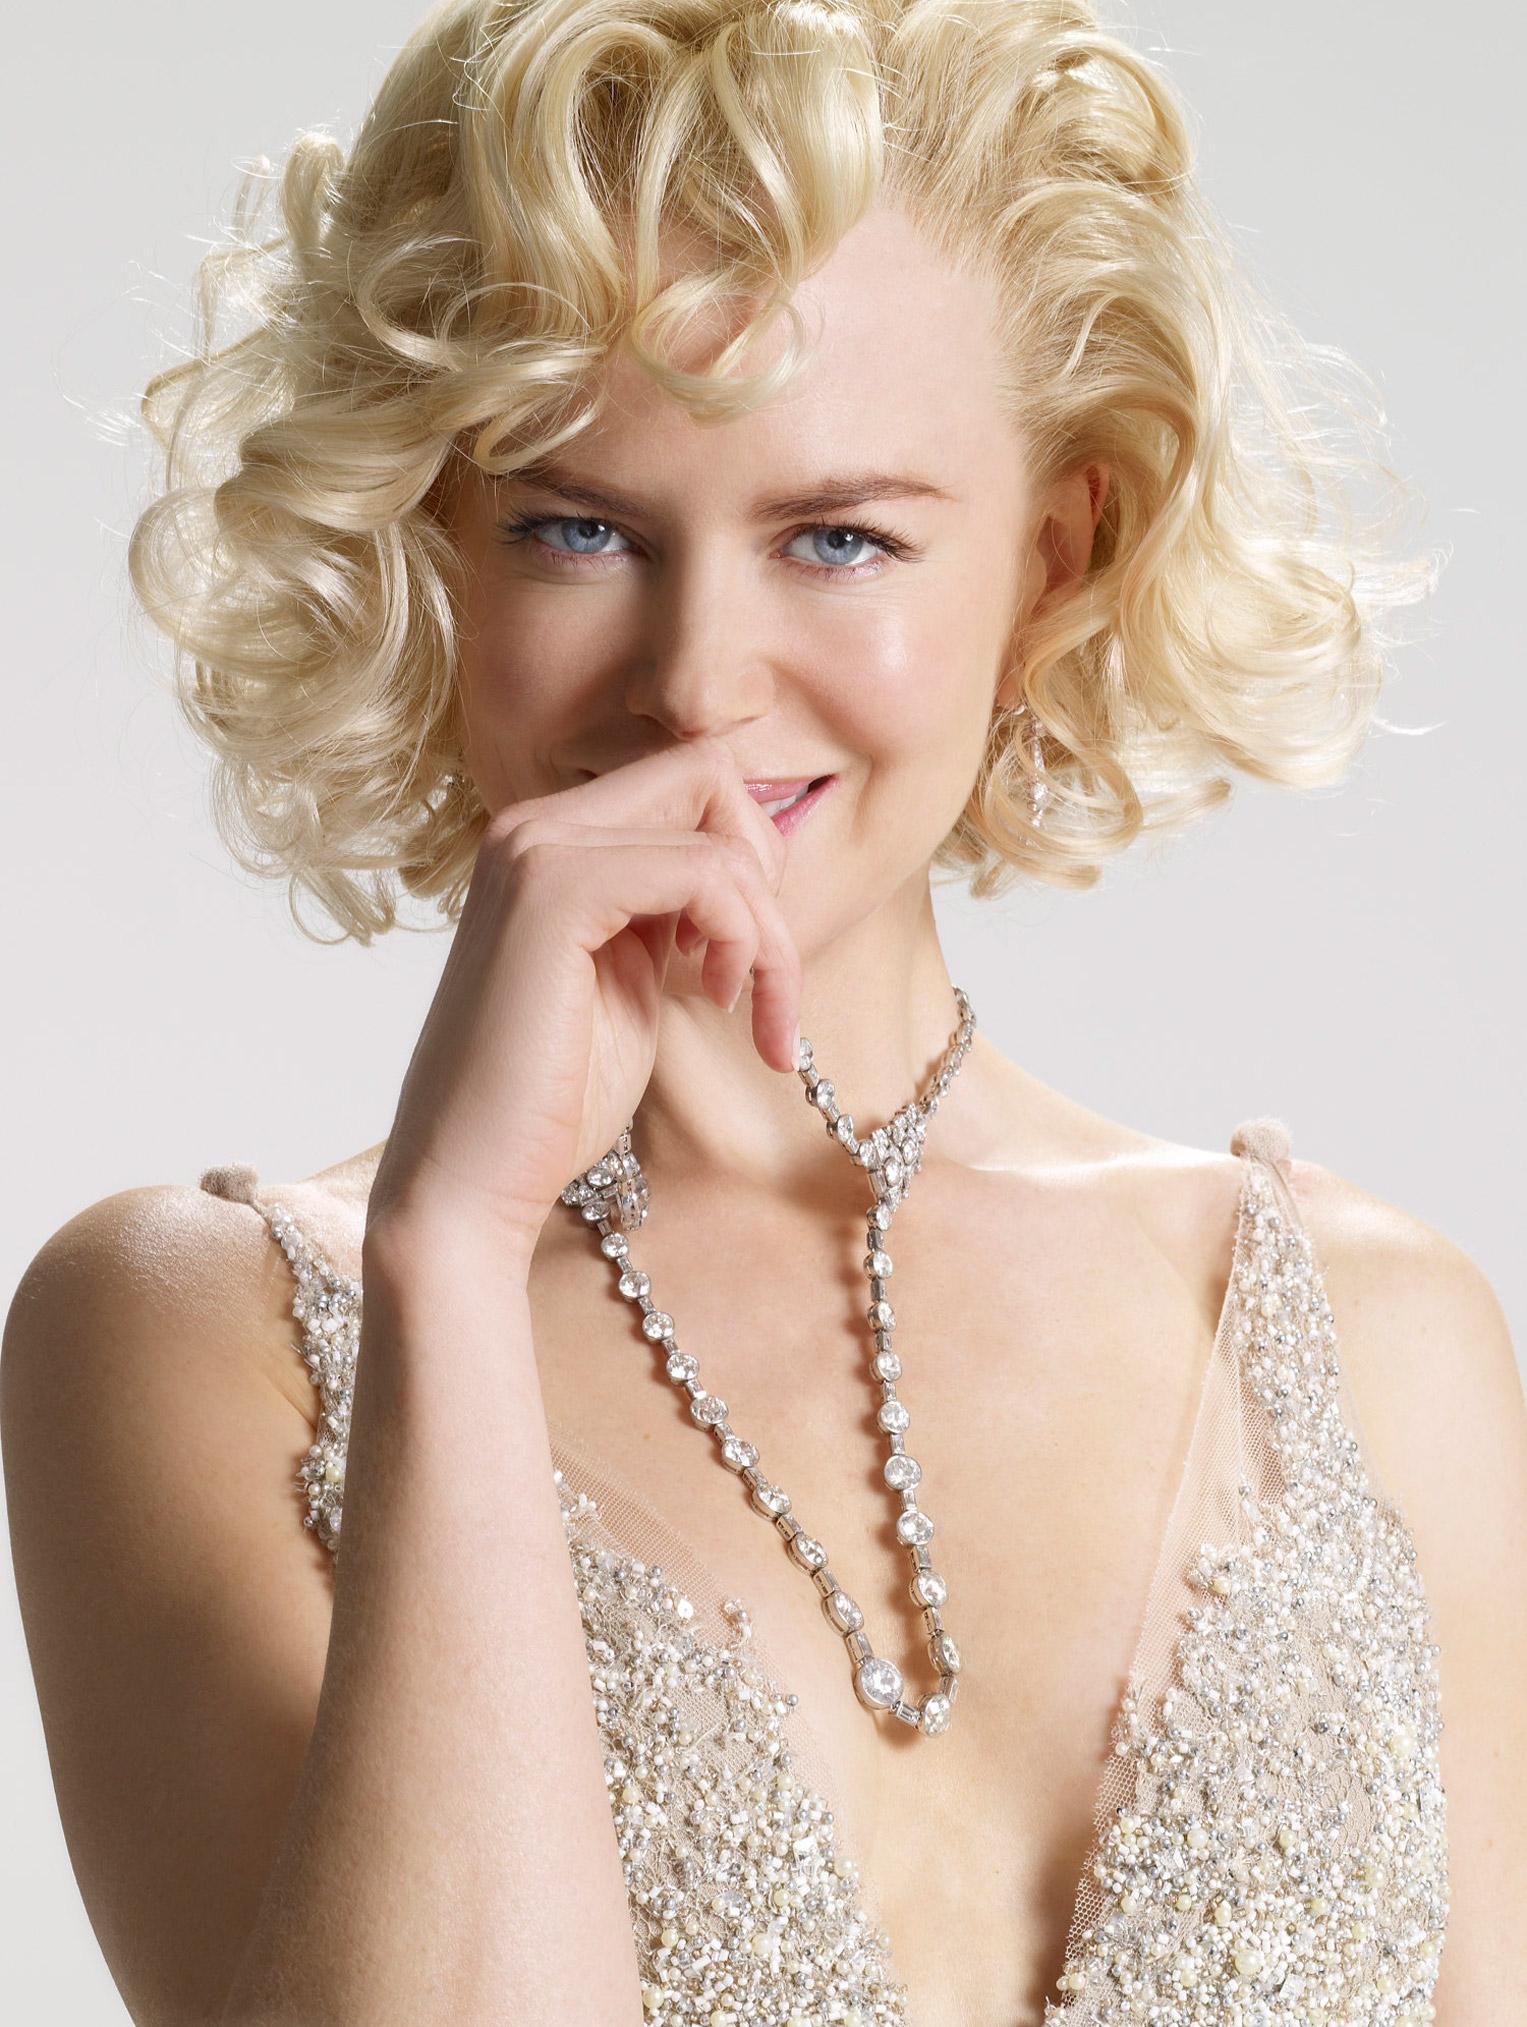 Николь Кидман в журнале Harpers Bazaar Австралия / фото 06